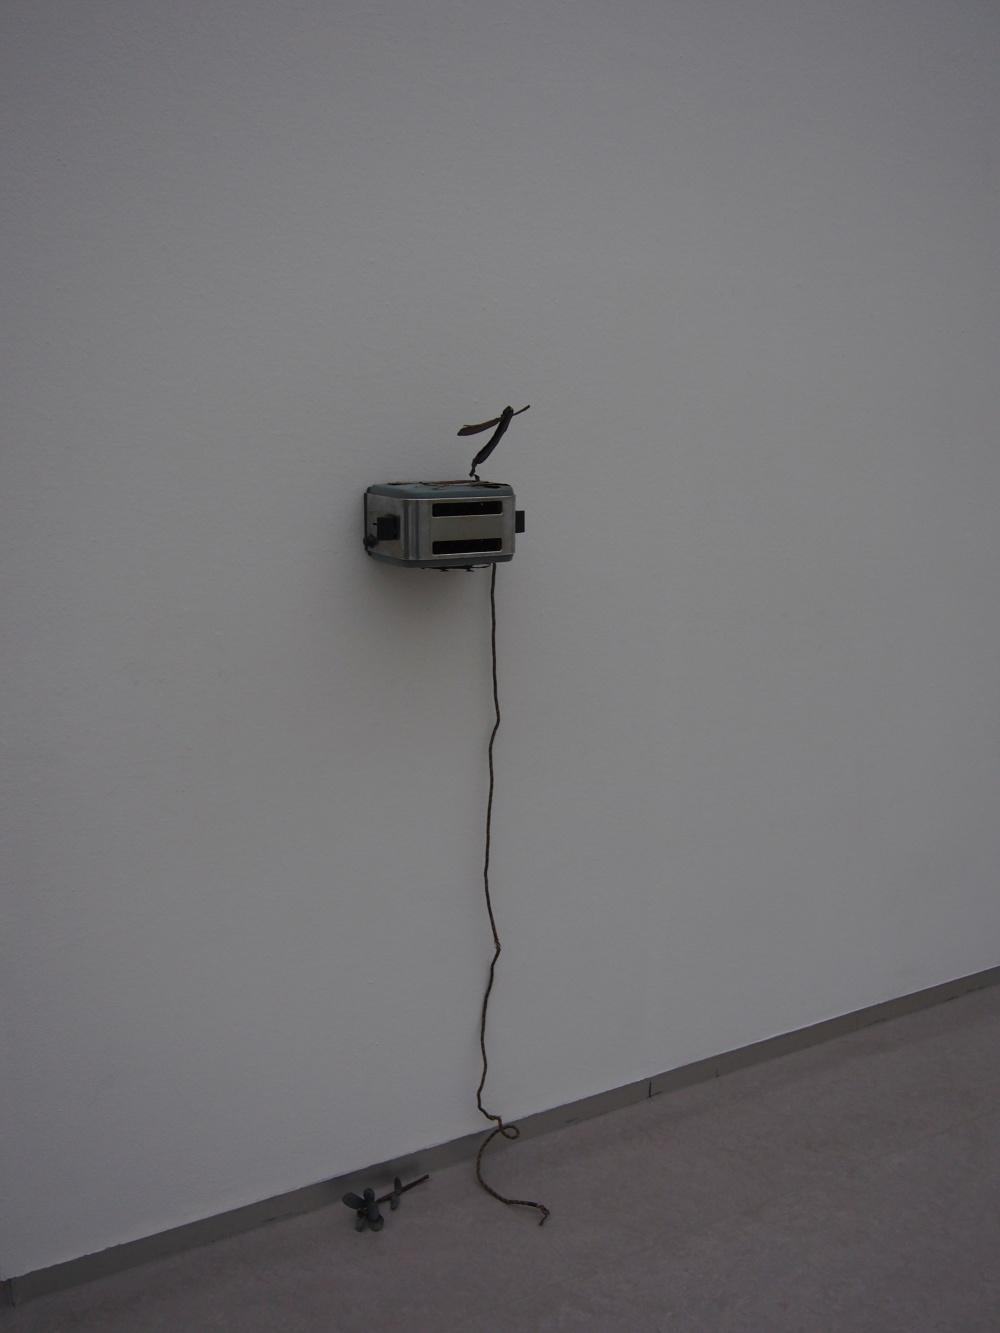 plastique, câbles électriques, aluminium, 30 x 18 x 15 cm